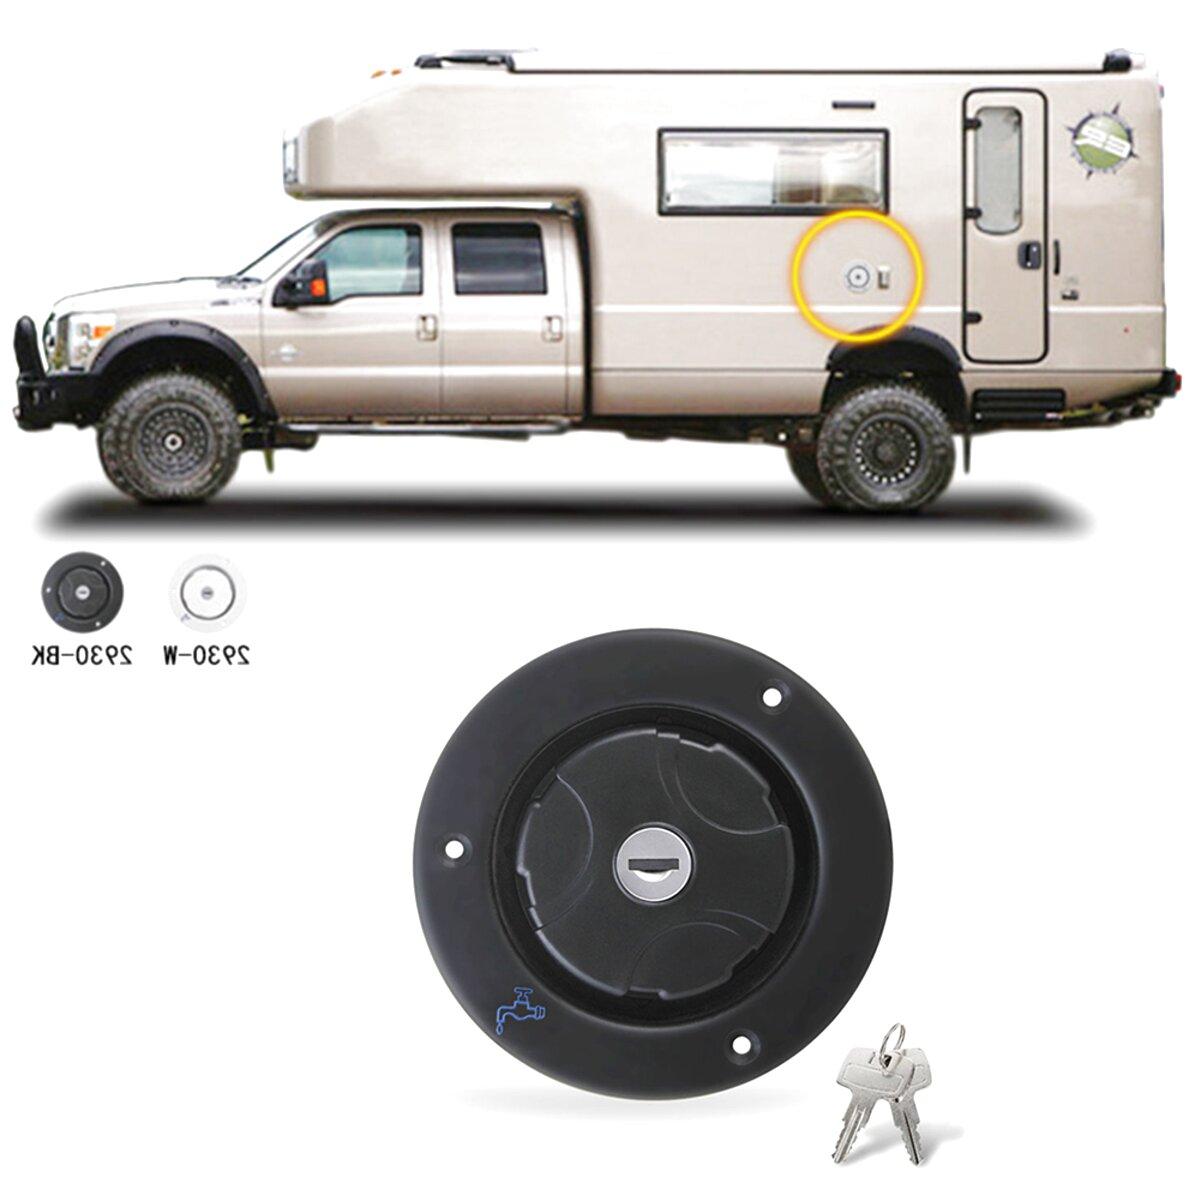 camper parts for sale